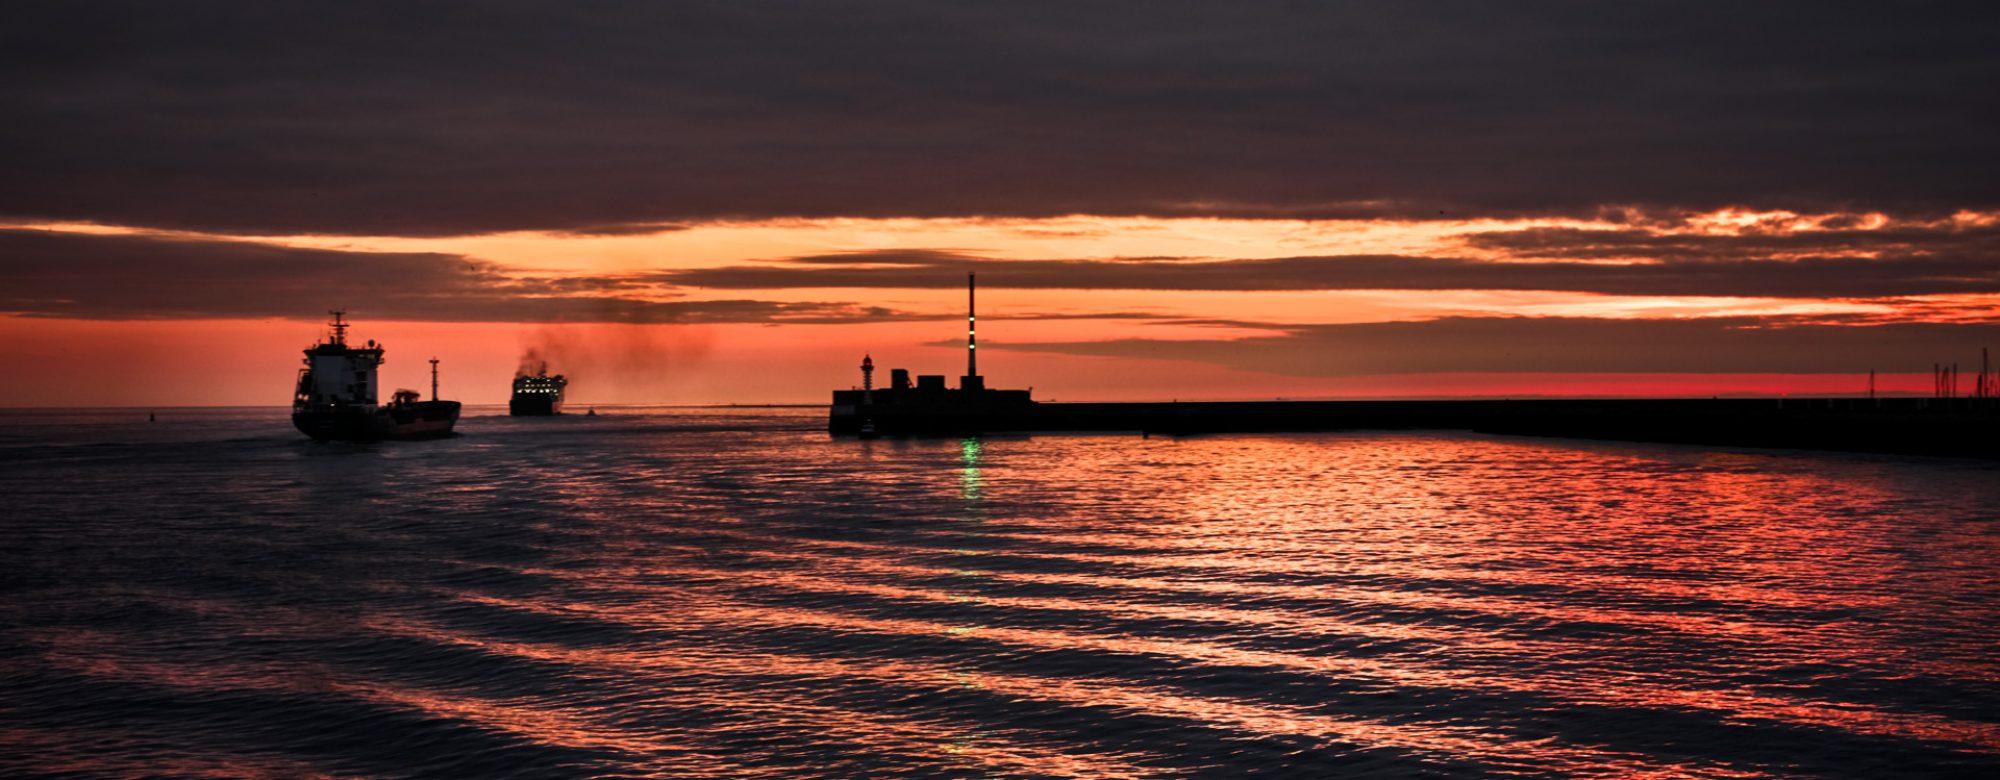 Coucher de soleil sur la mer, à l'entrée du port du Havre